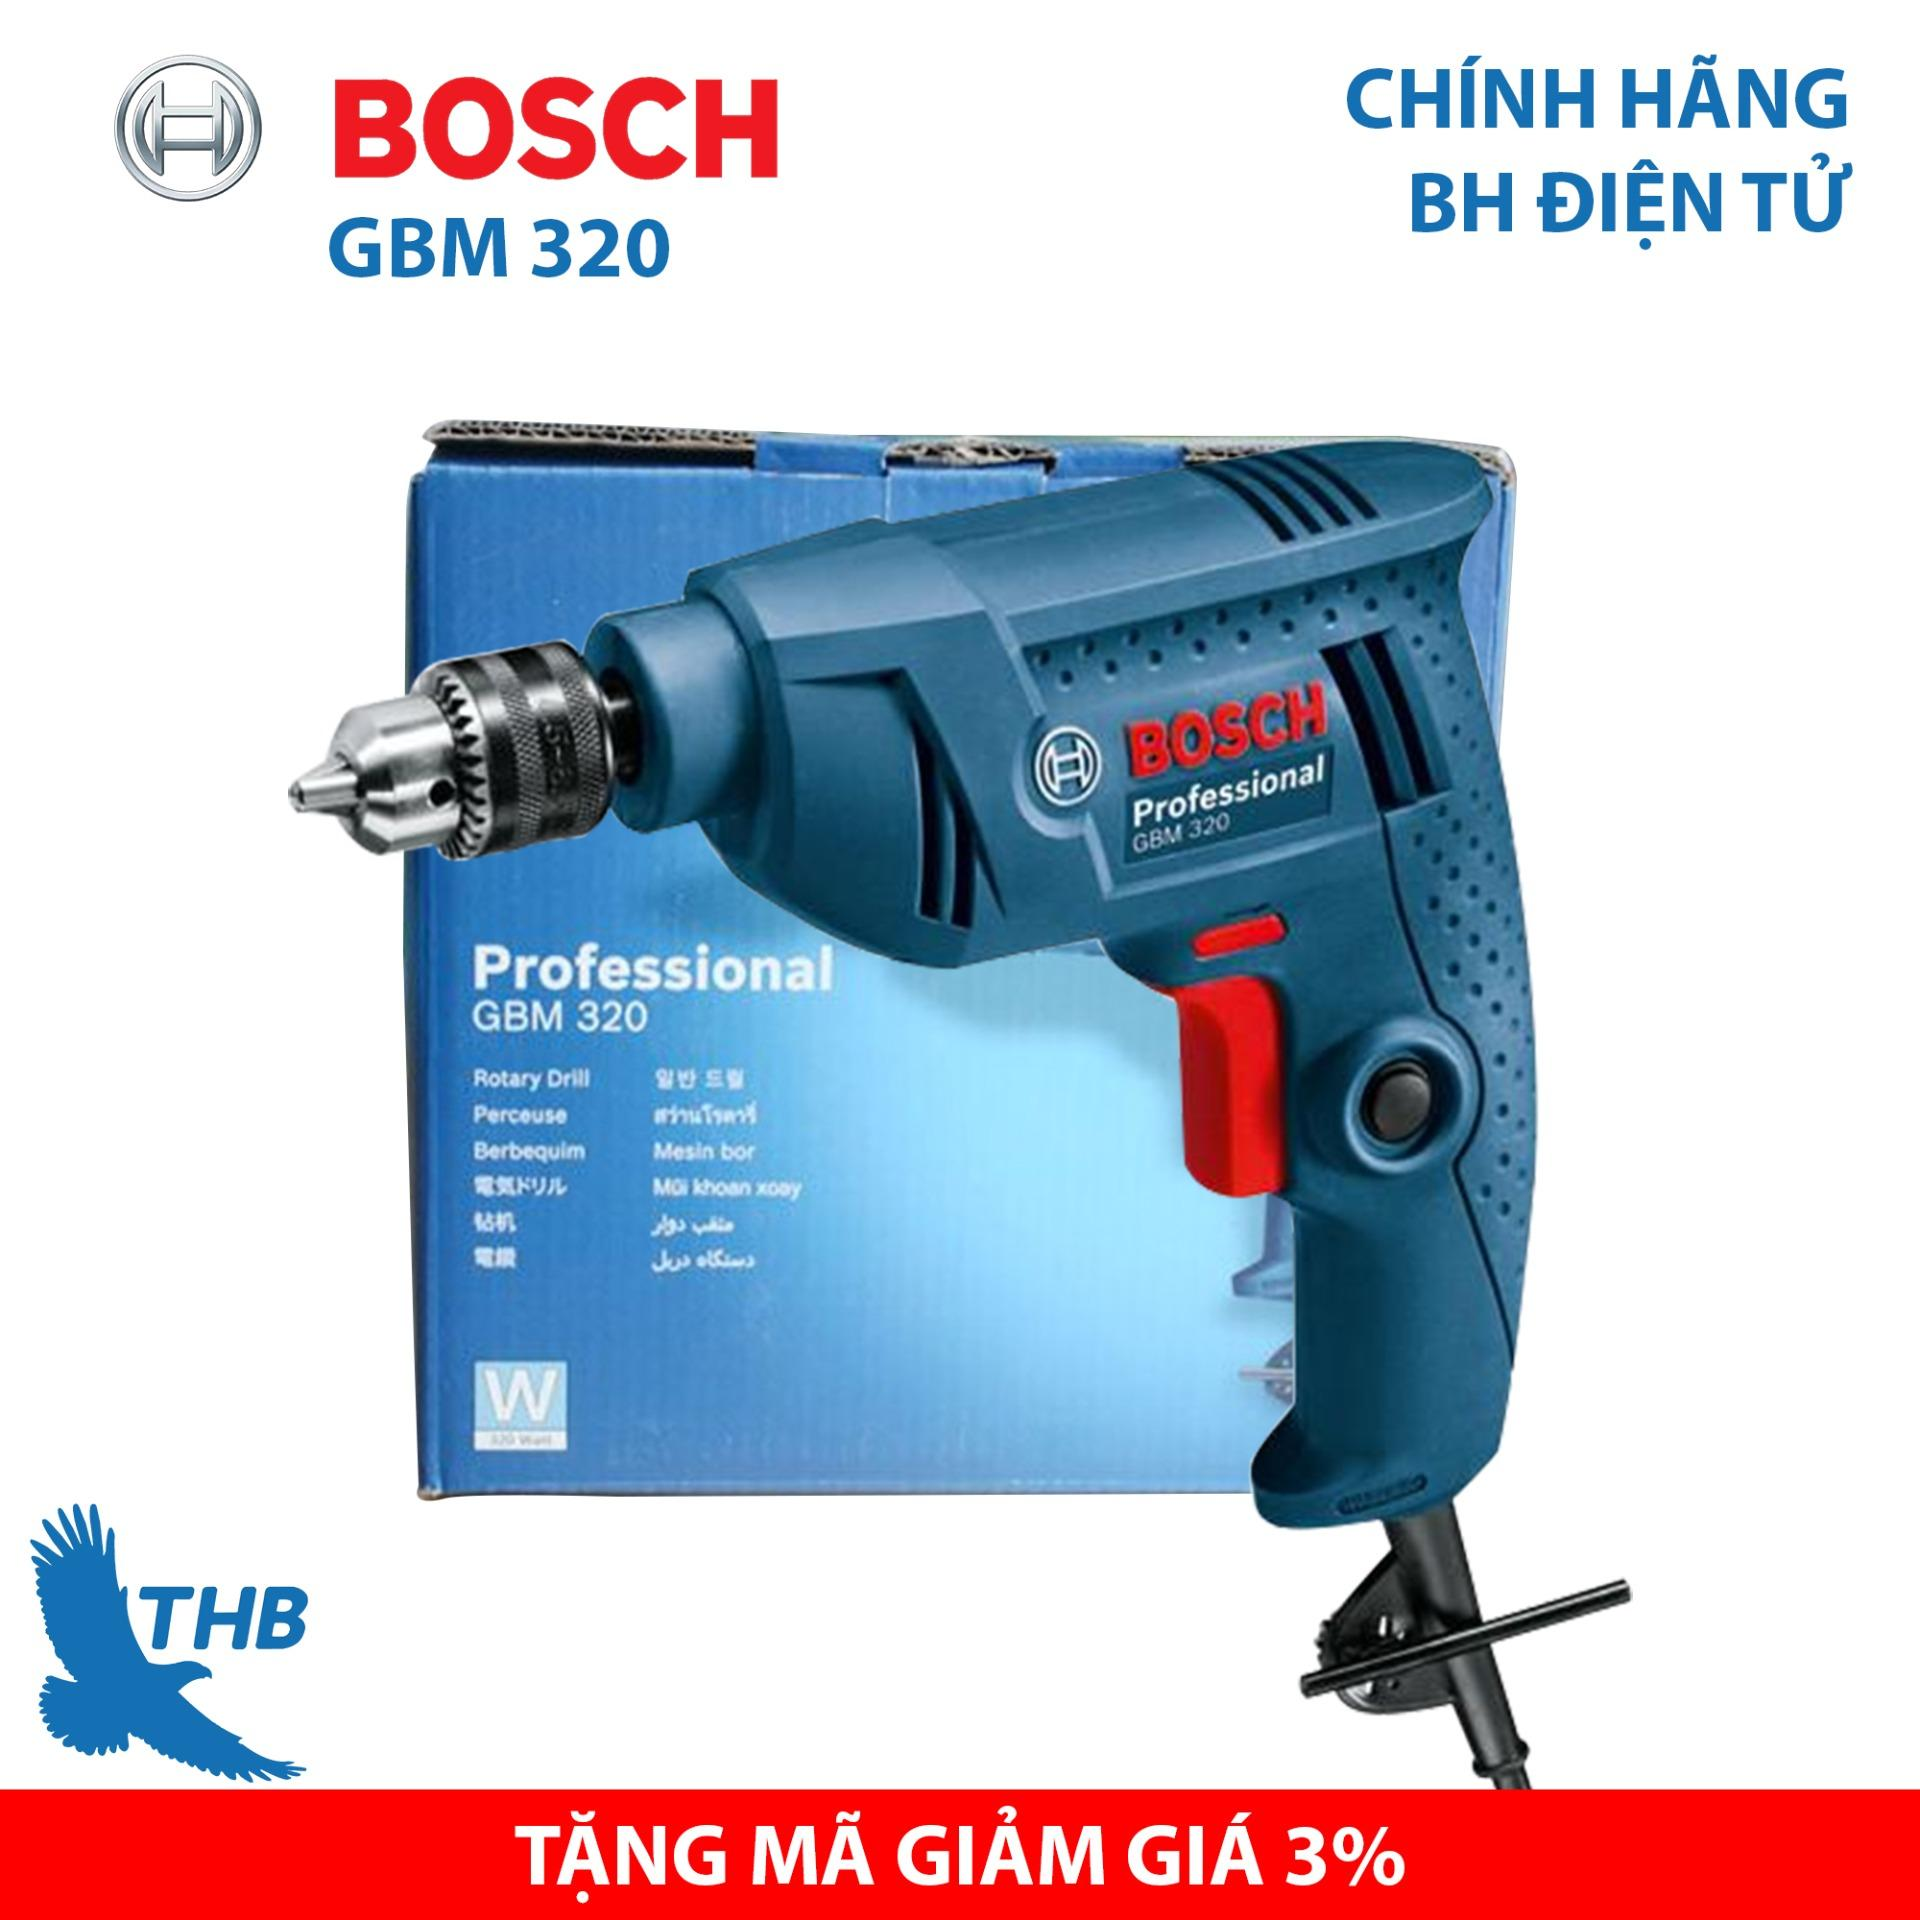 Máy khoan tay, Máy khoan điện cầm tay, Máy khoan bắt vít dùng điện, Máy khoan cầm tay, Máy khoan Bosch chính hãng GBM 320 ( Công suất 320W, đầu cặp M10, bảo hành điện tử 06 tháng)